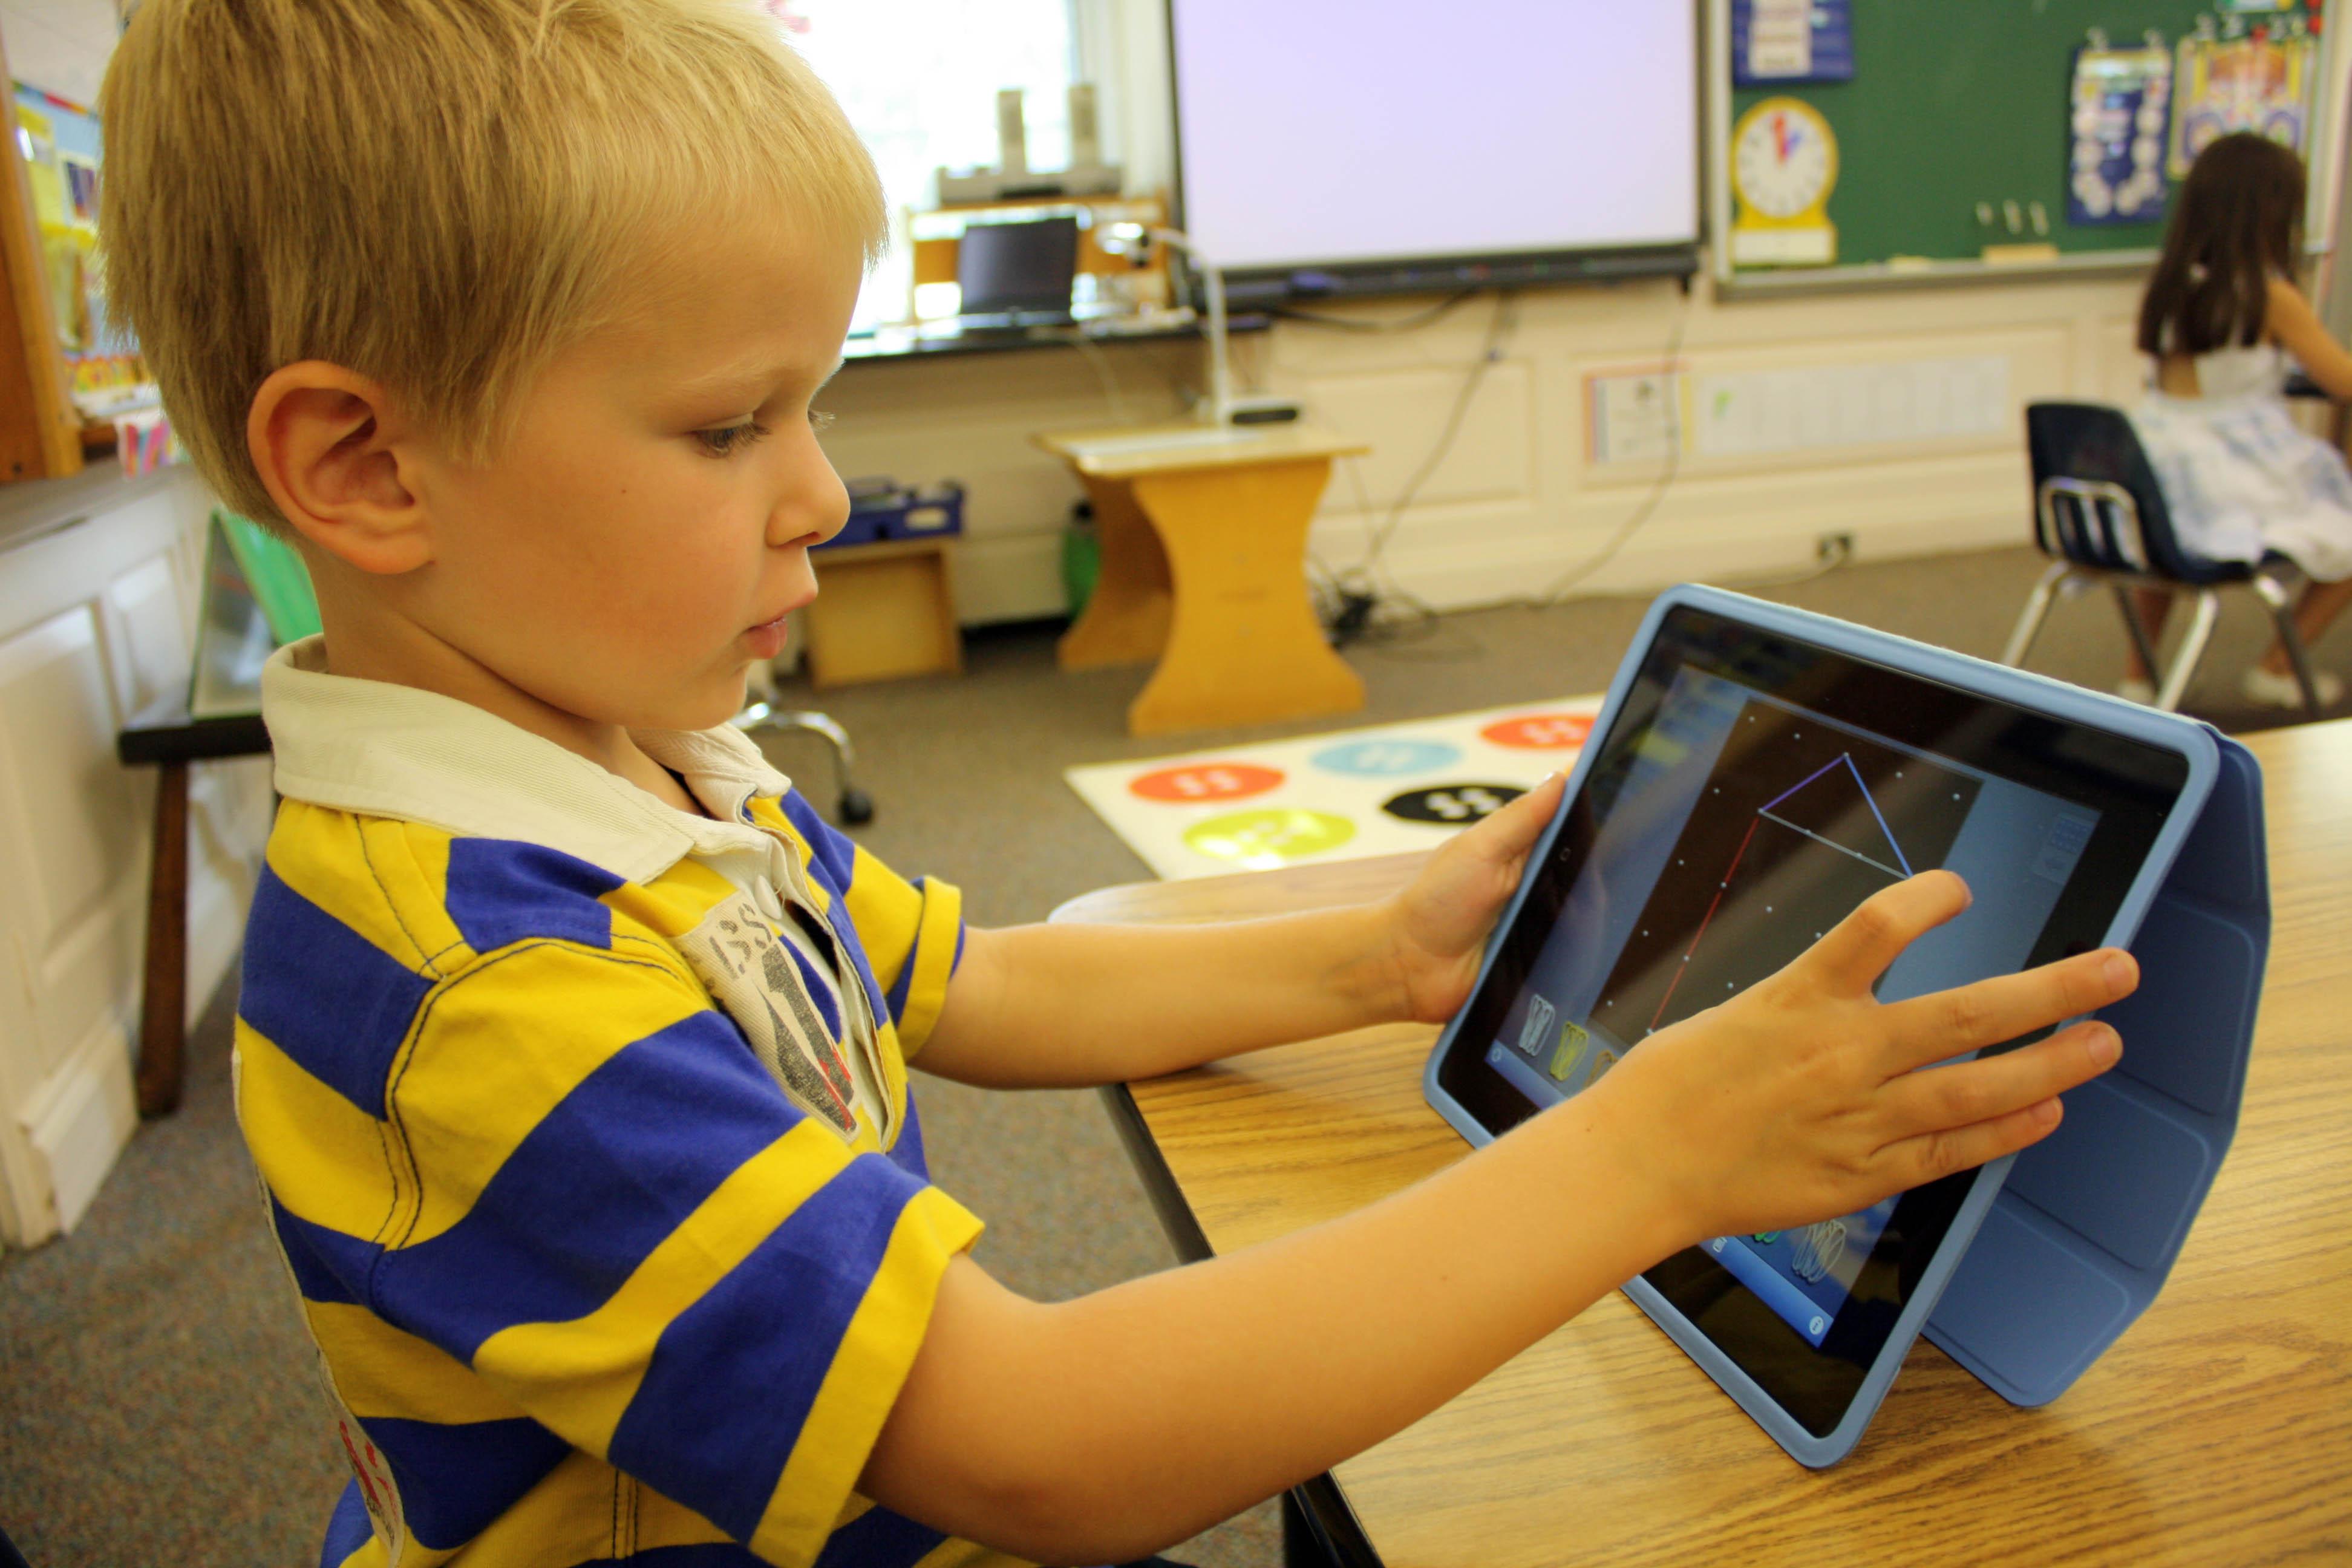 çocuk tablet akıllı telefon 3.jpg